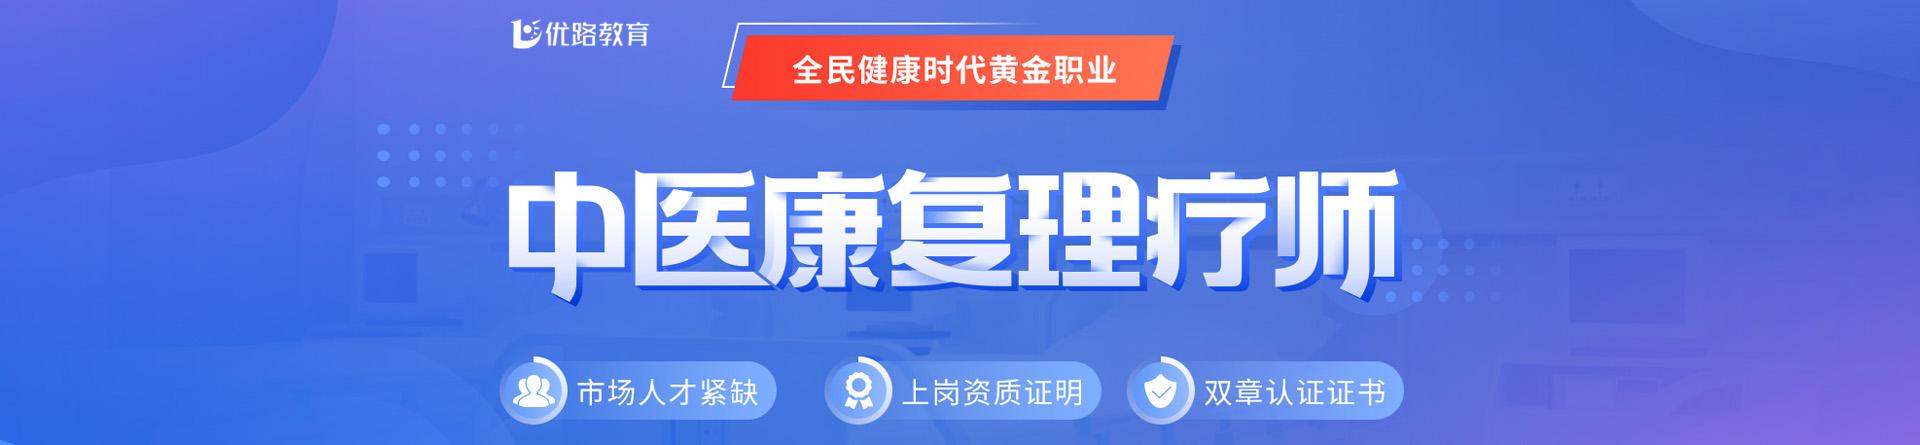 江西景德镇优路教育培训学校